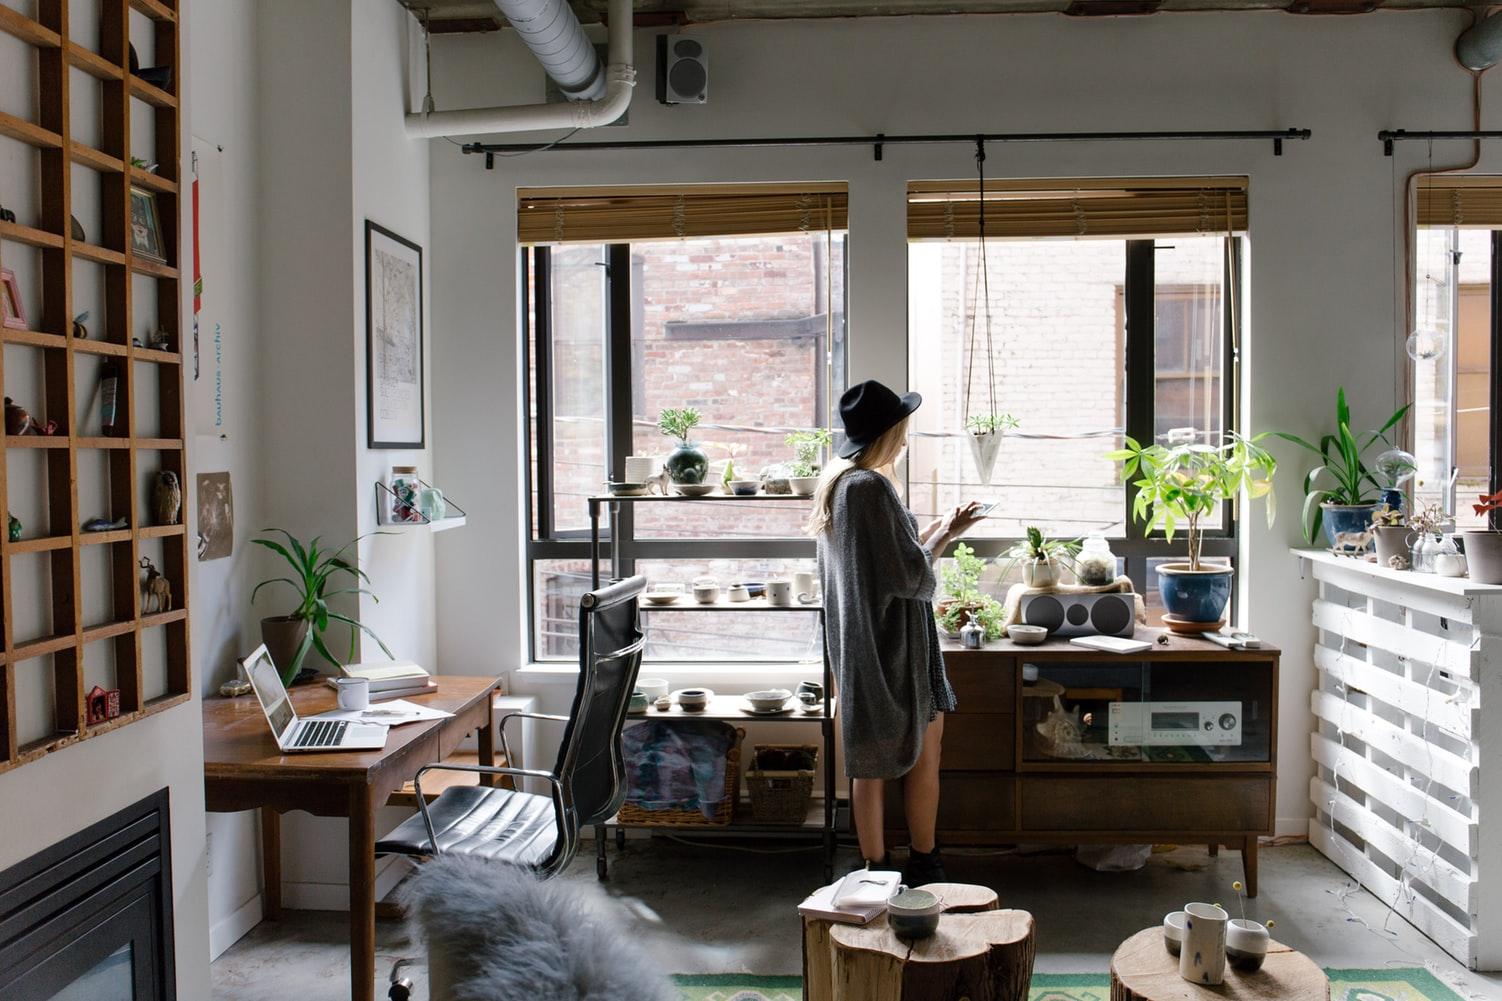 Tu casa interior. Foto por Bench Accounting en Unsplash